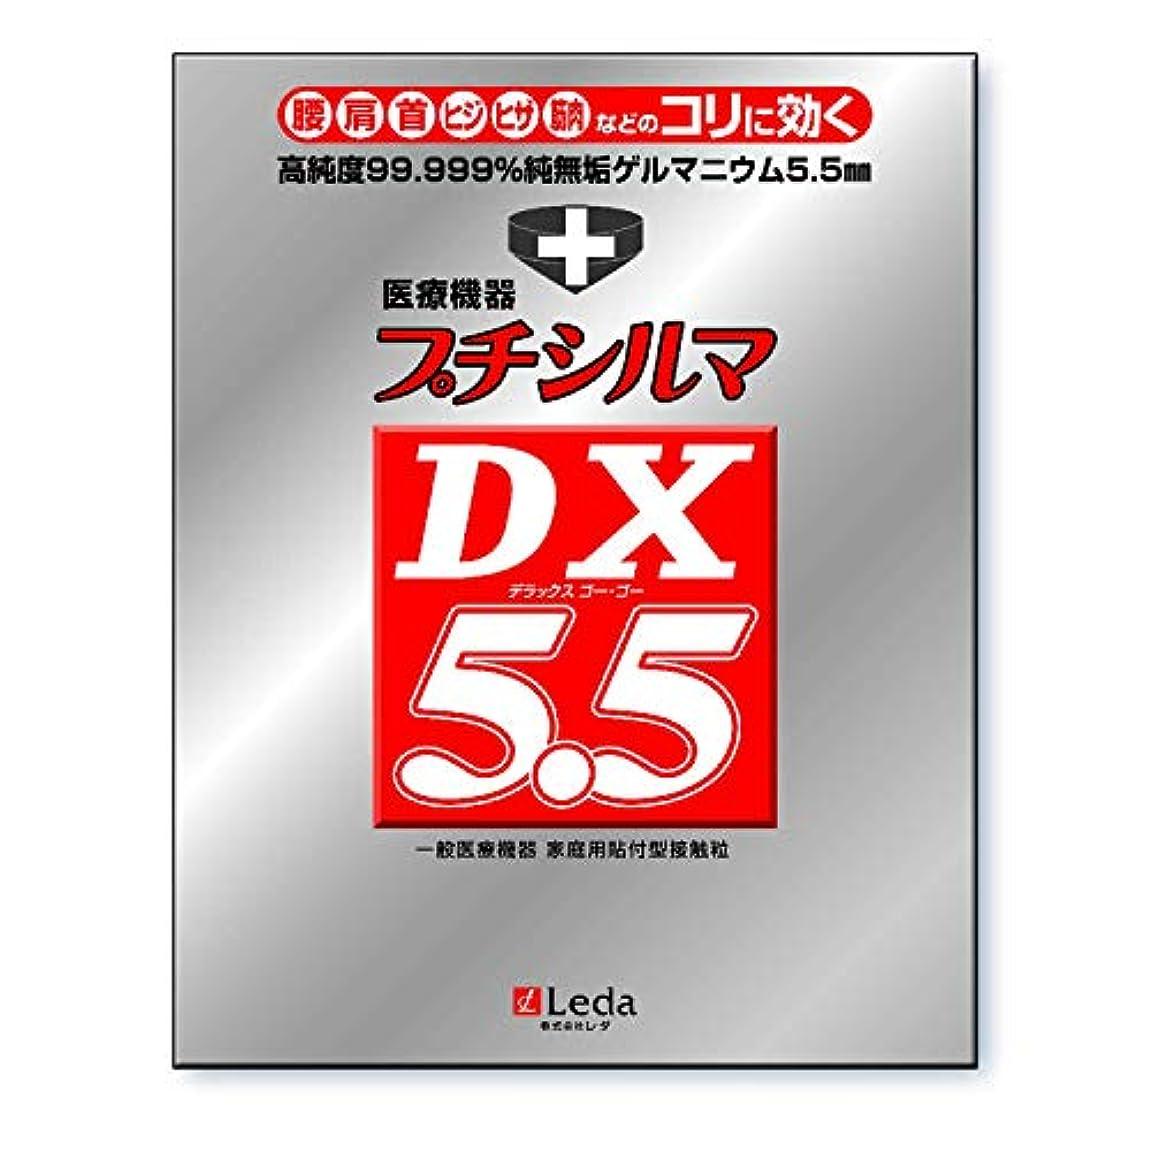 革新エキスパート審判プチシルマDX 5.5 お徳用替えプラスター200枚付き